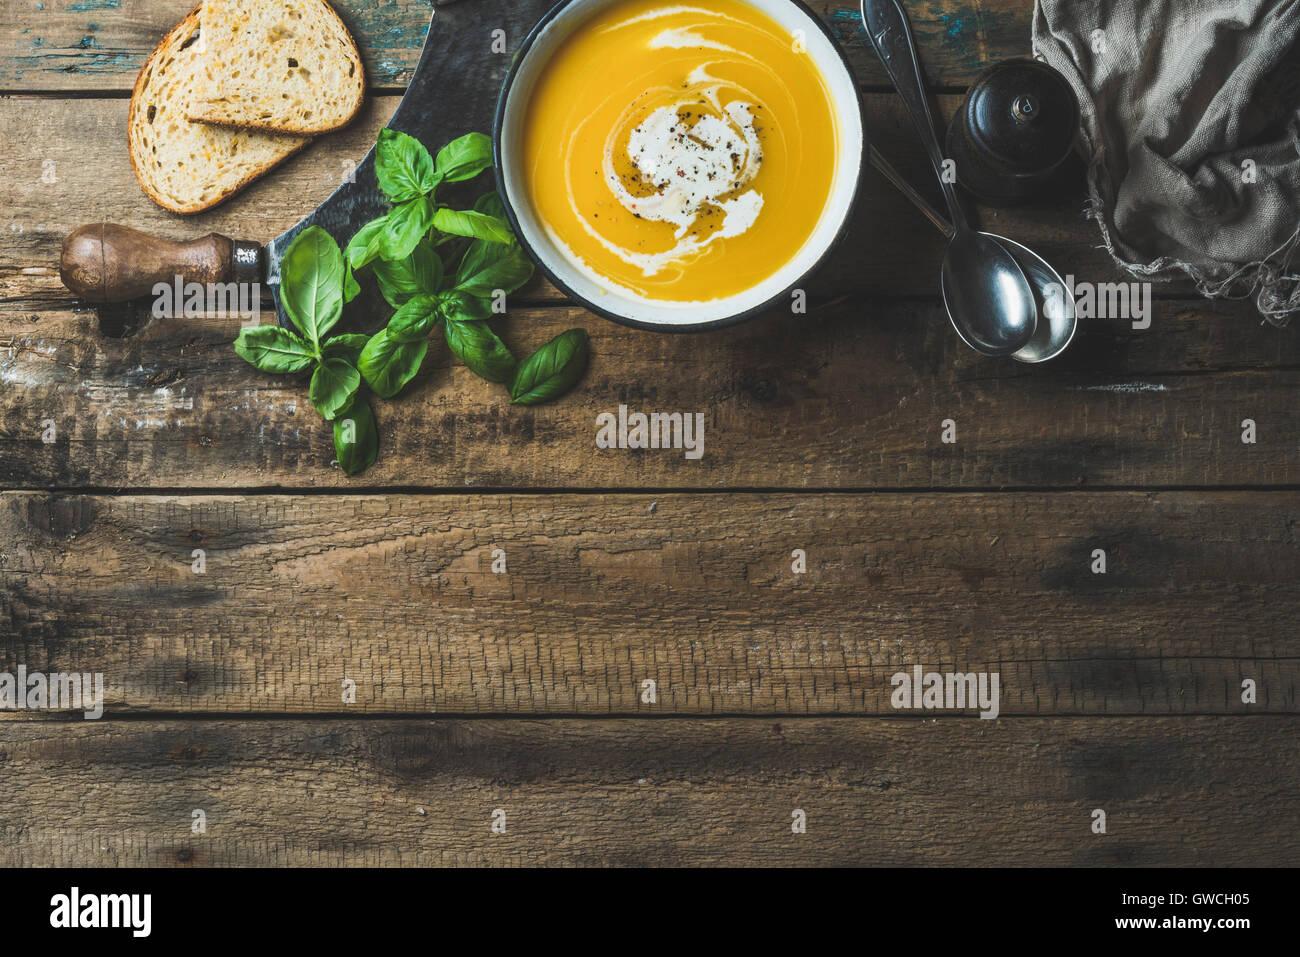 Kürbis Cremesuppe in Schüssel mit frischem Basilikum, Gewürze und gegrilltem Brot Scheiben über alten rustikalen Stockfoto